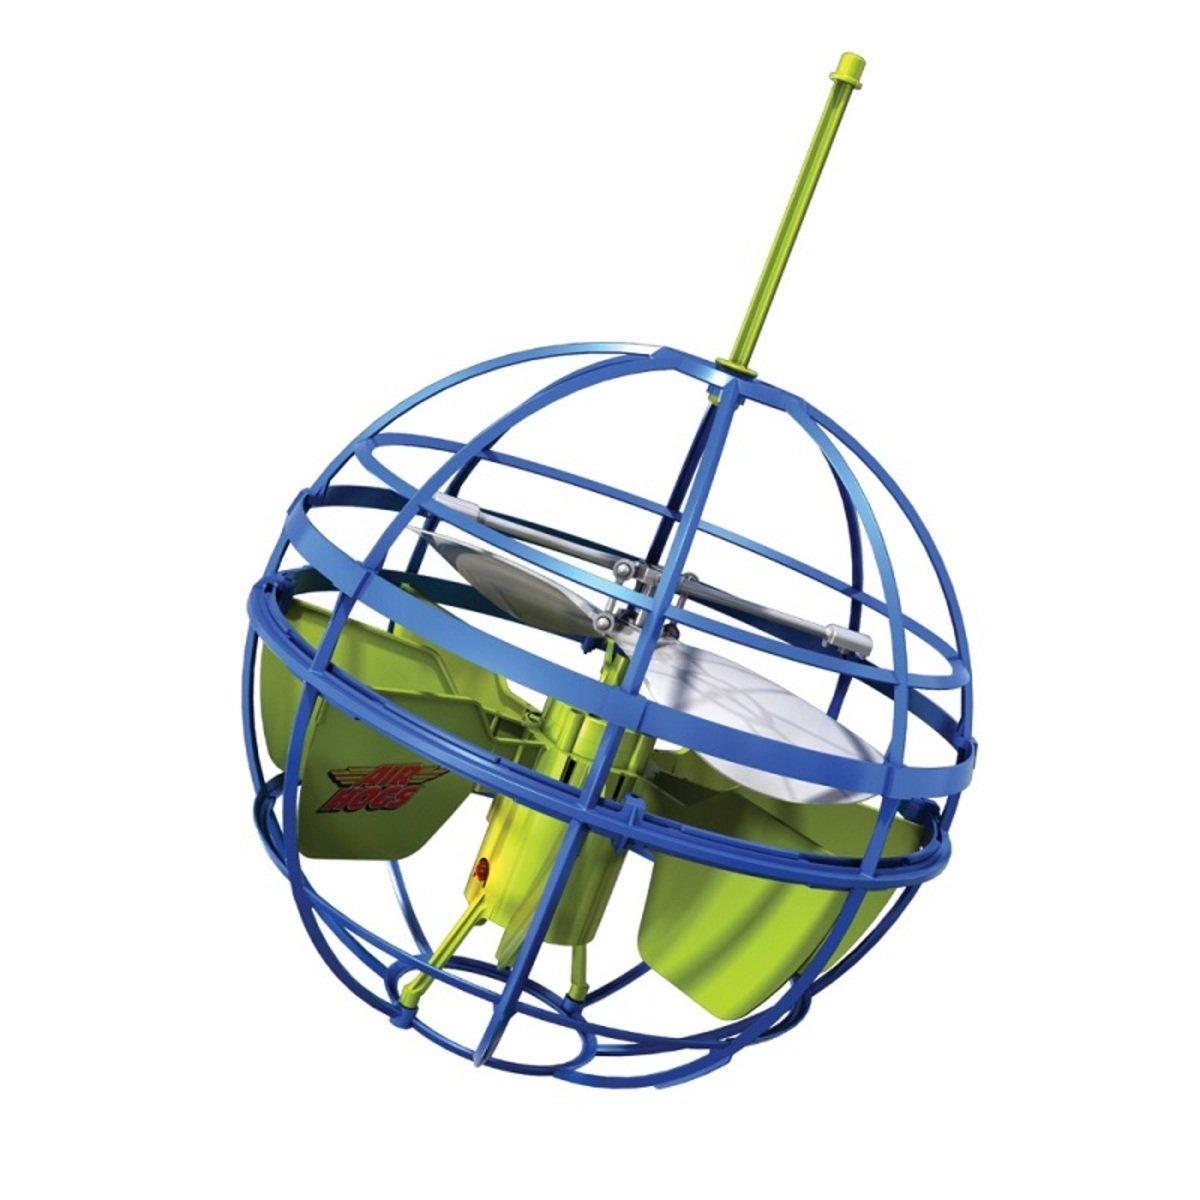 Air Hogs 彈跳球 (藍色)